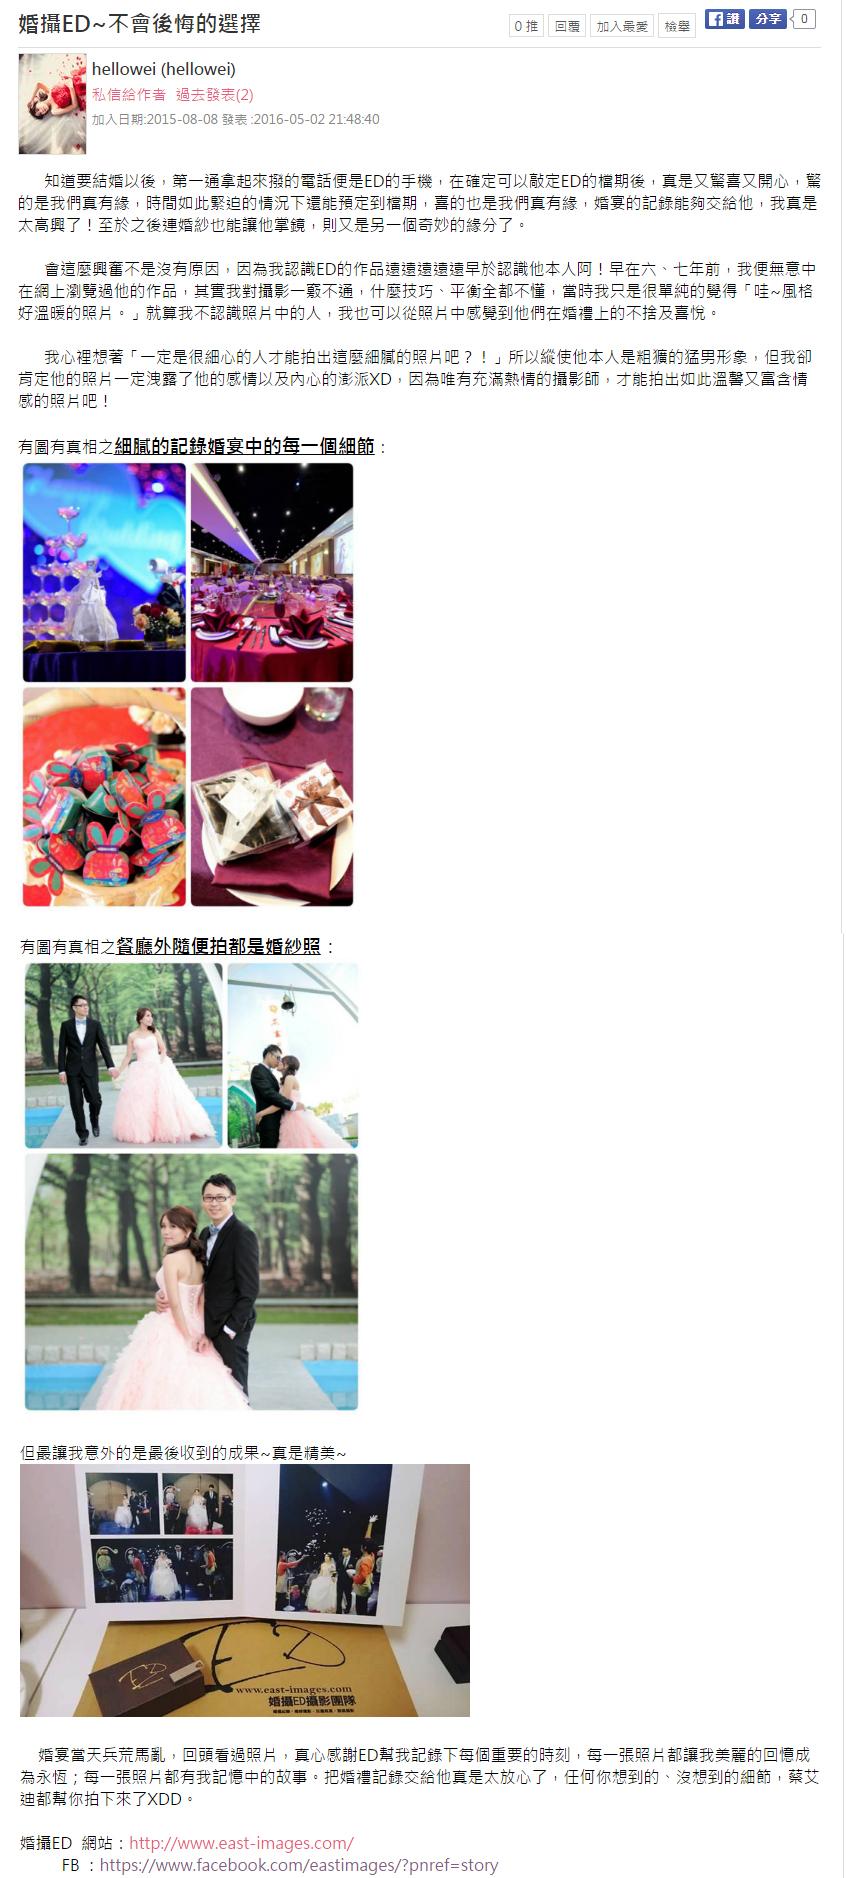 台中婚攝,婚攝,婚攝ED,婚攝推薦,婚禮紀錄,婚禮記錄,婚攝,婚禮攝影師,新人推薦,